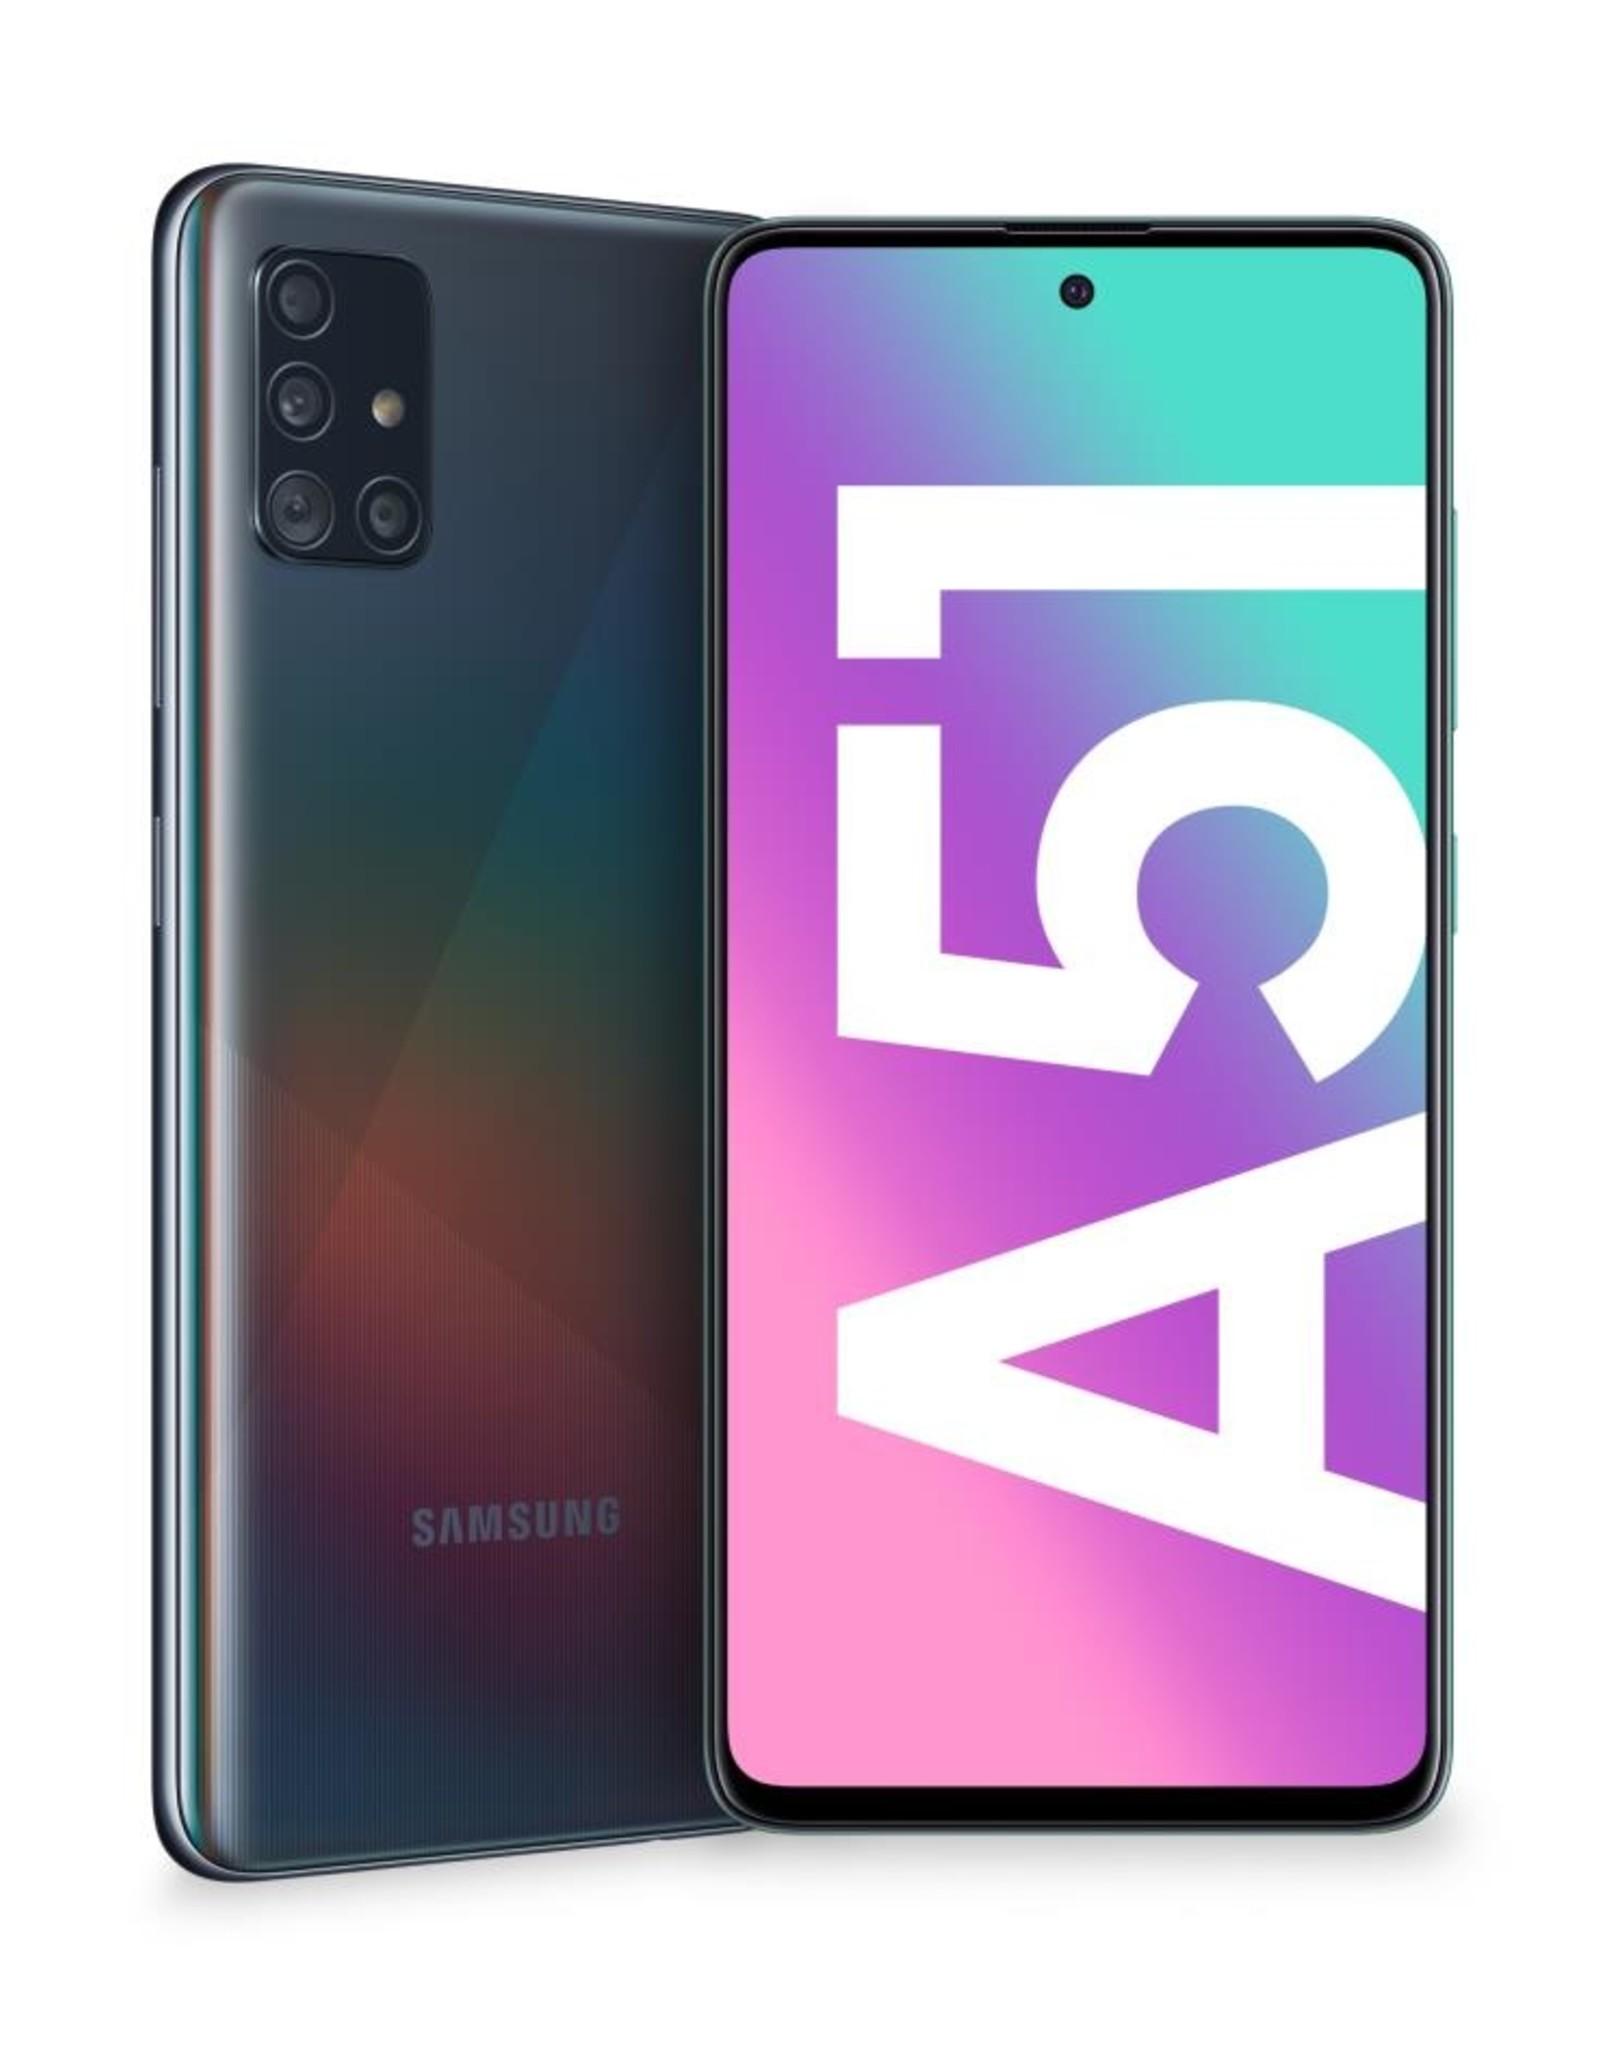 Samsung Samsung Galaxy A51 128GB Black